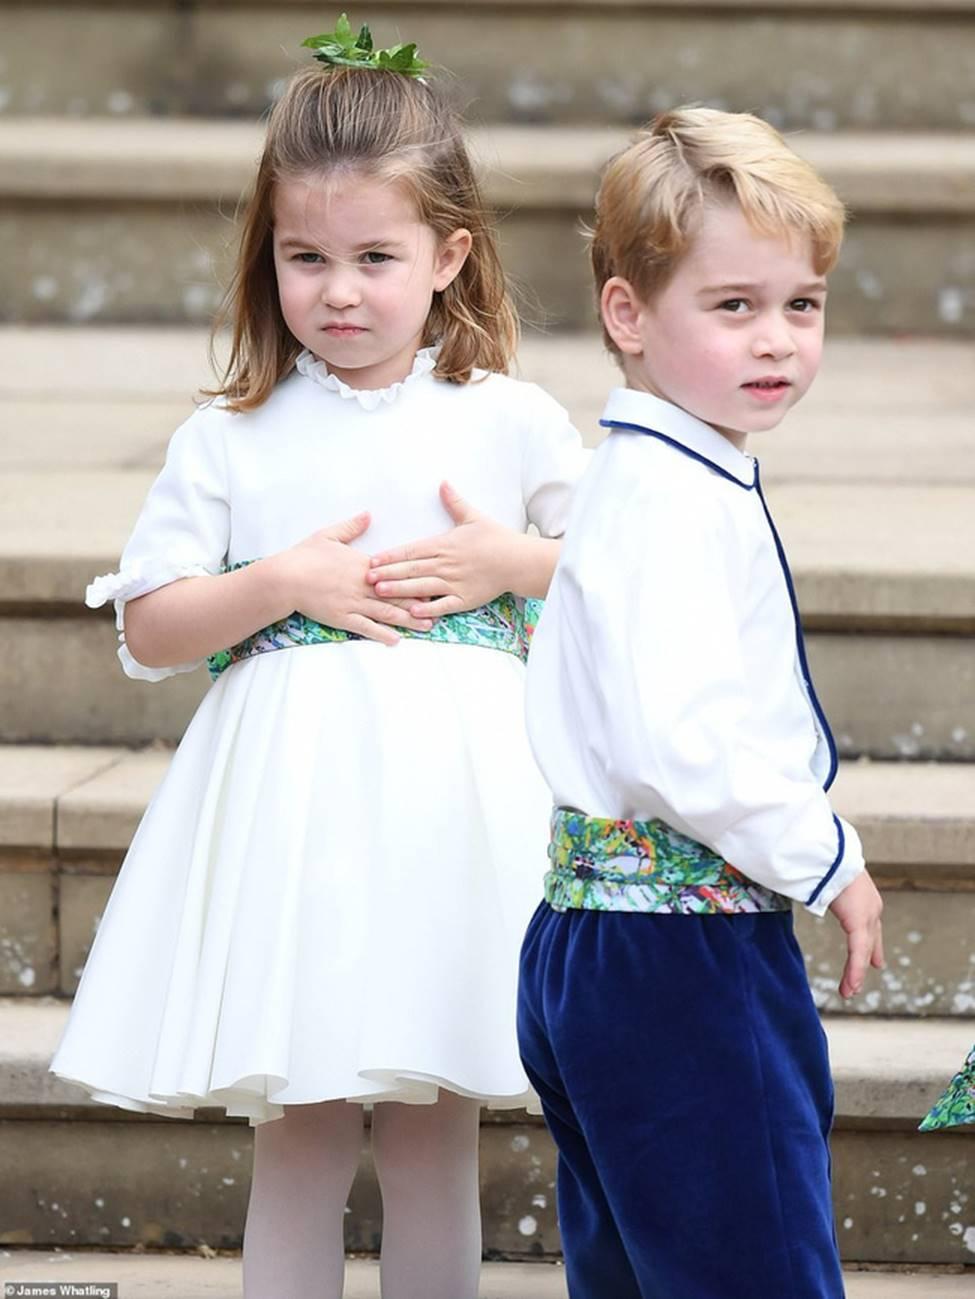 Đi đám cưới cô họ, Công chúa Charlotte tiếp tục gây thương nhớ bằng loạt biểu cảm đáng yêu xinh như thiên thần-6